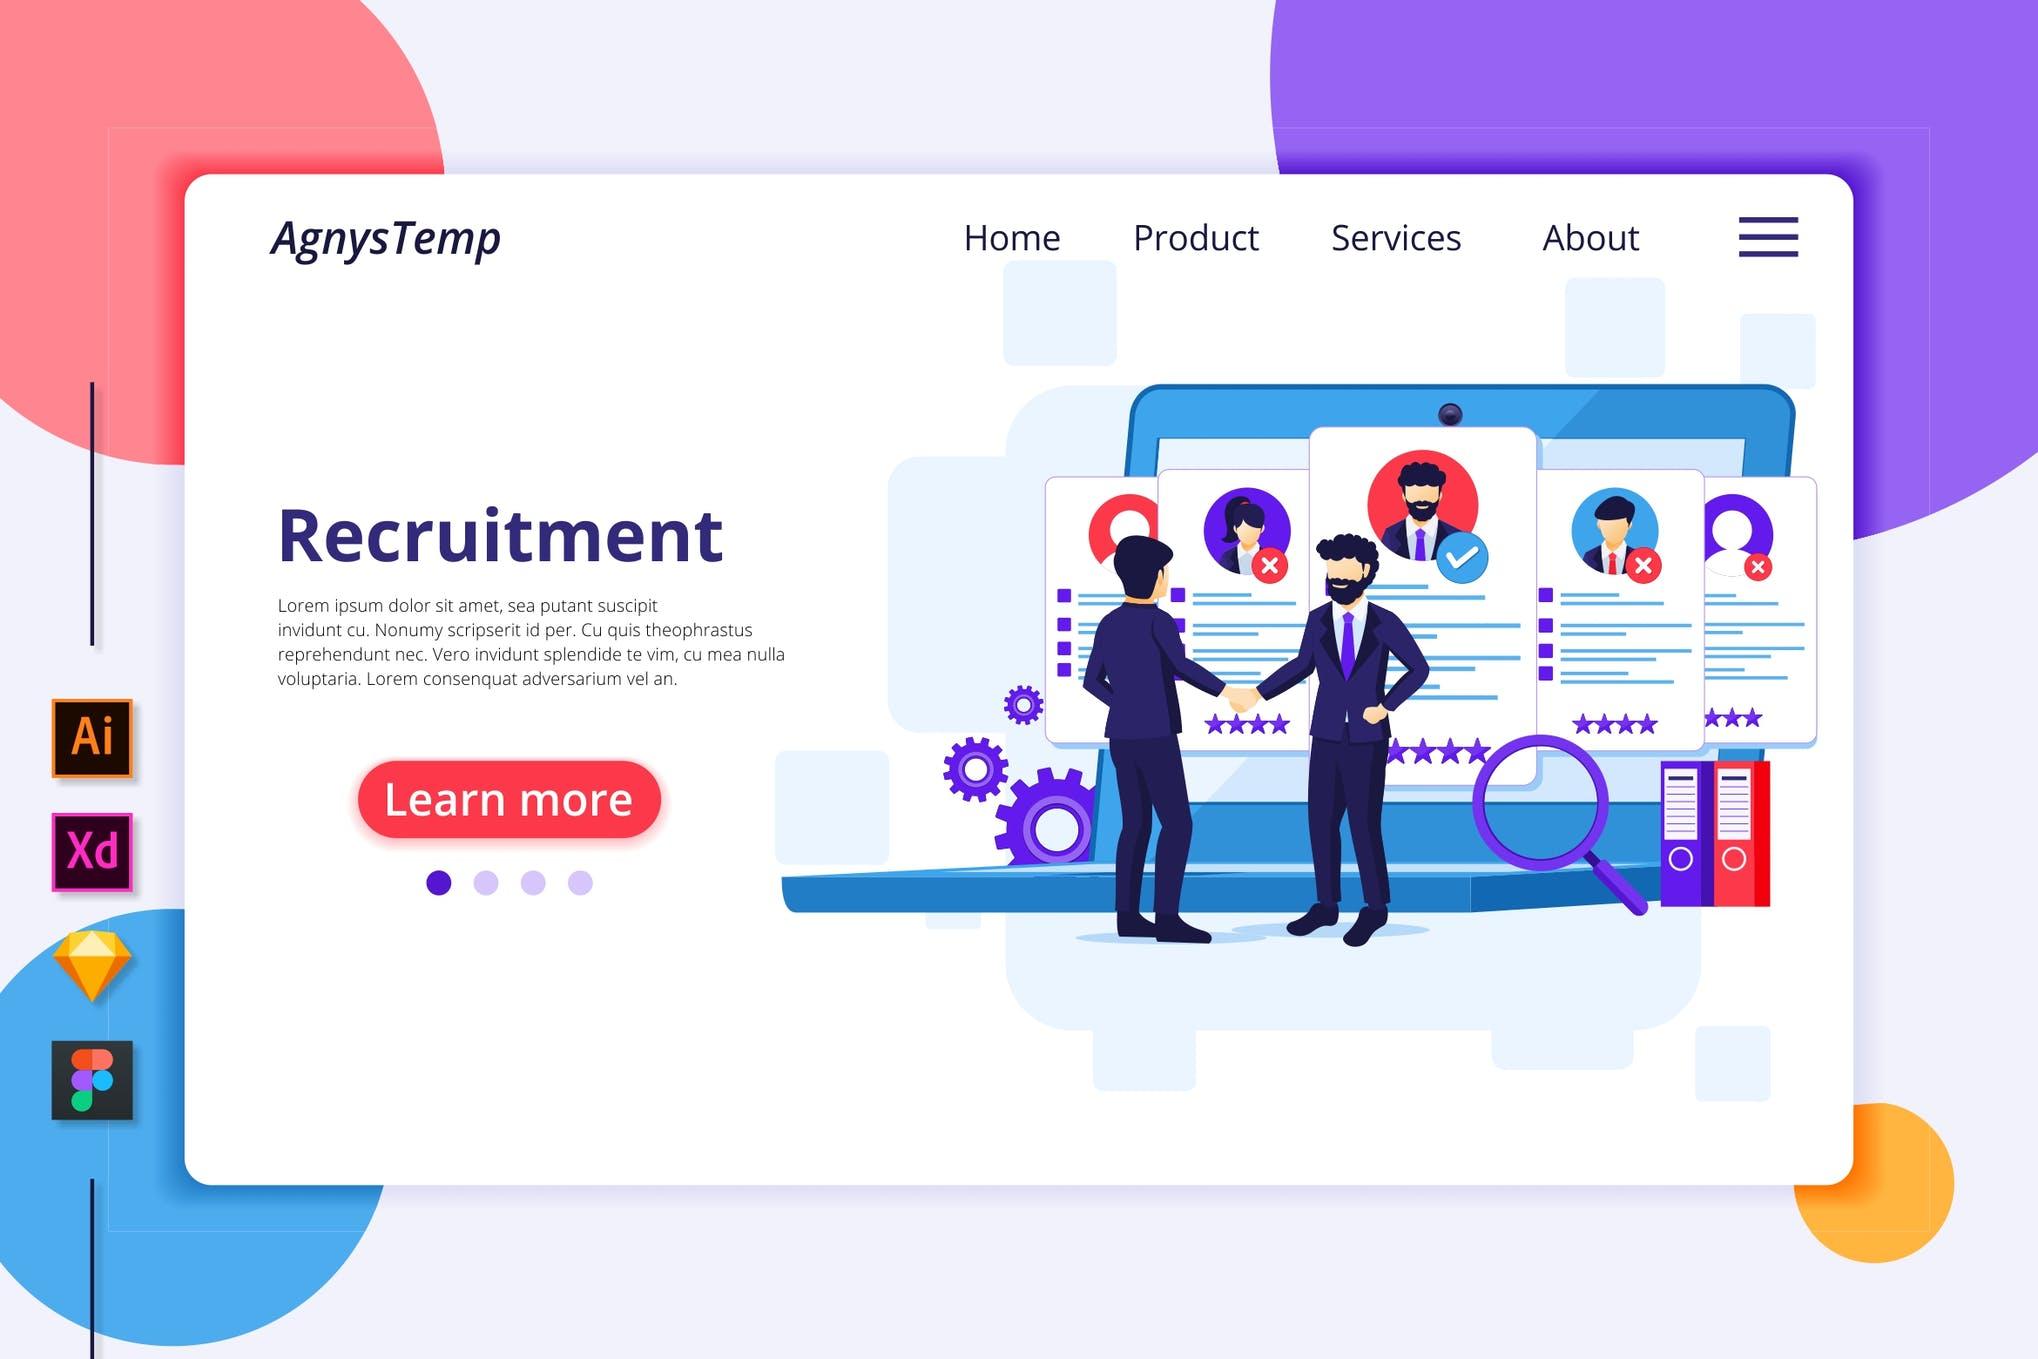 Agnytemp-招聘插图v2 网页模板banner图素材下载